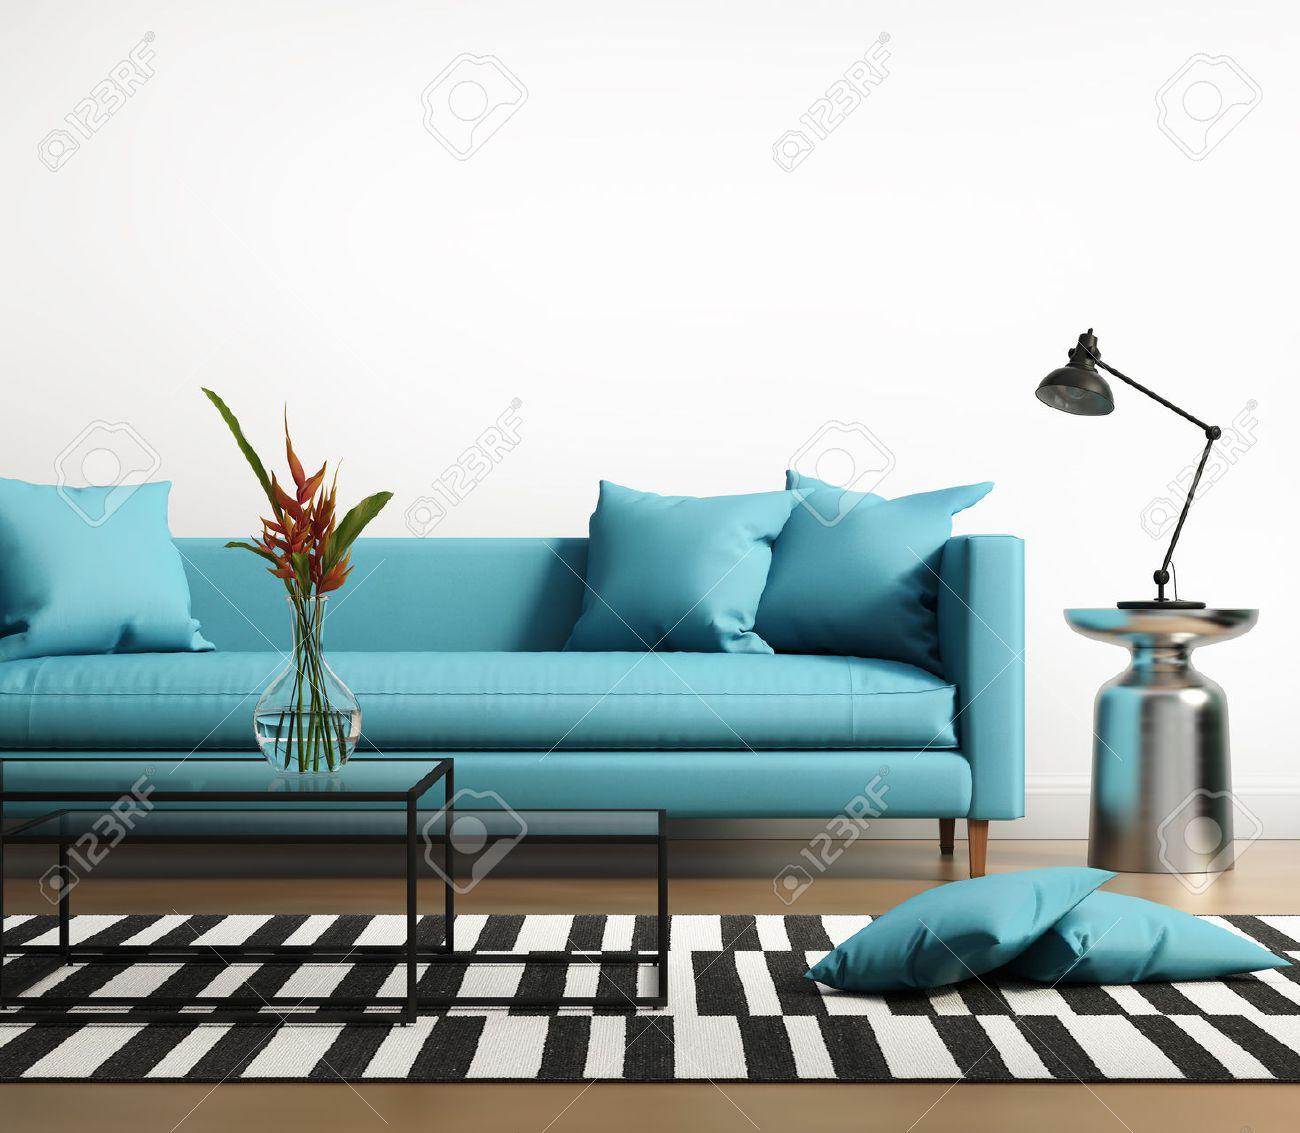 Modernes Interieur Mit Einem Blauen Türkis Sofa Im Wohnzimmer ...